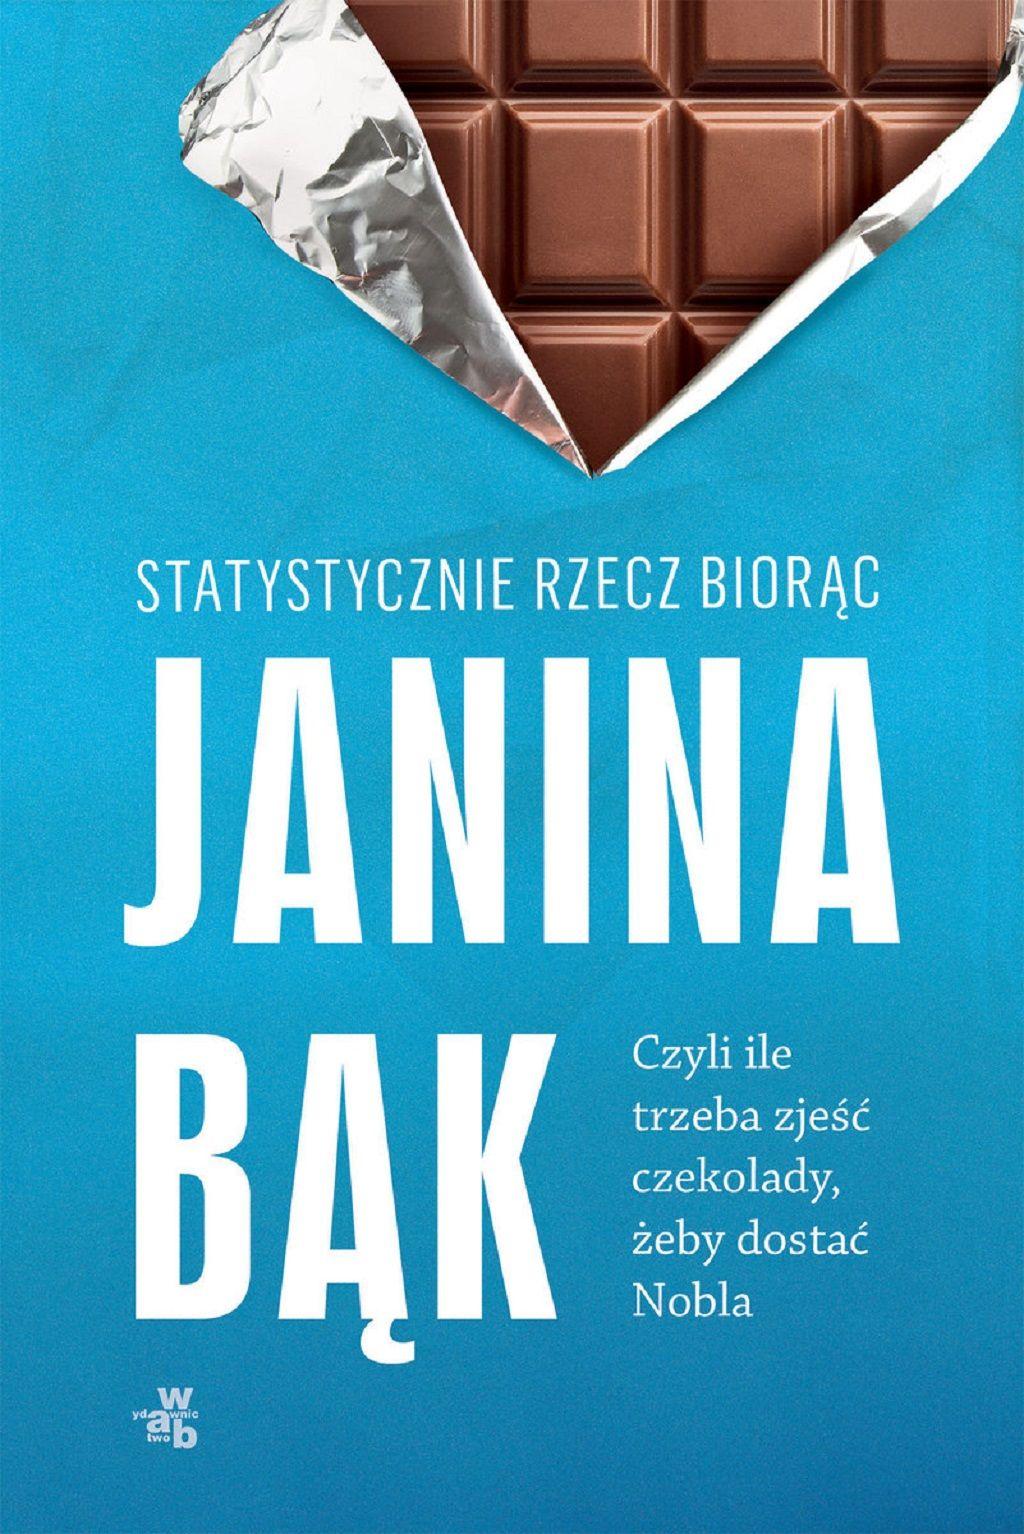 Janina Bąk – Statystycznie rzecz biorąc, czyli ile trzeba zjeść czekolady, żeby dostać Nobla?